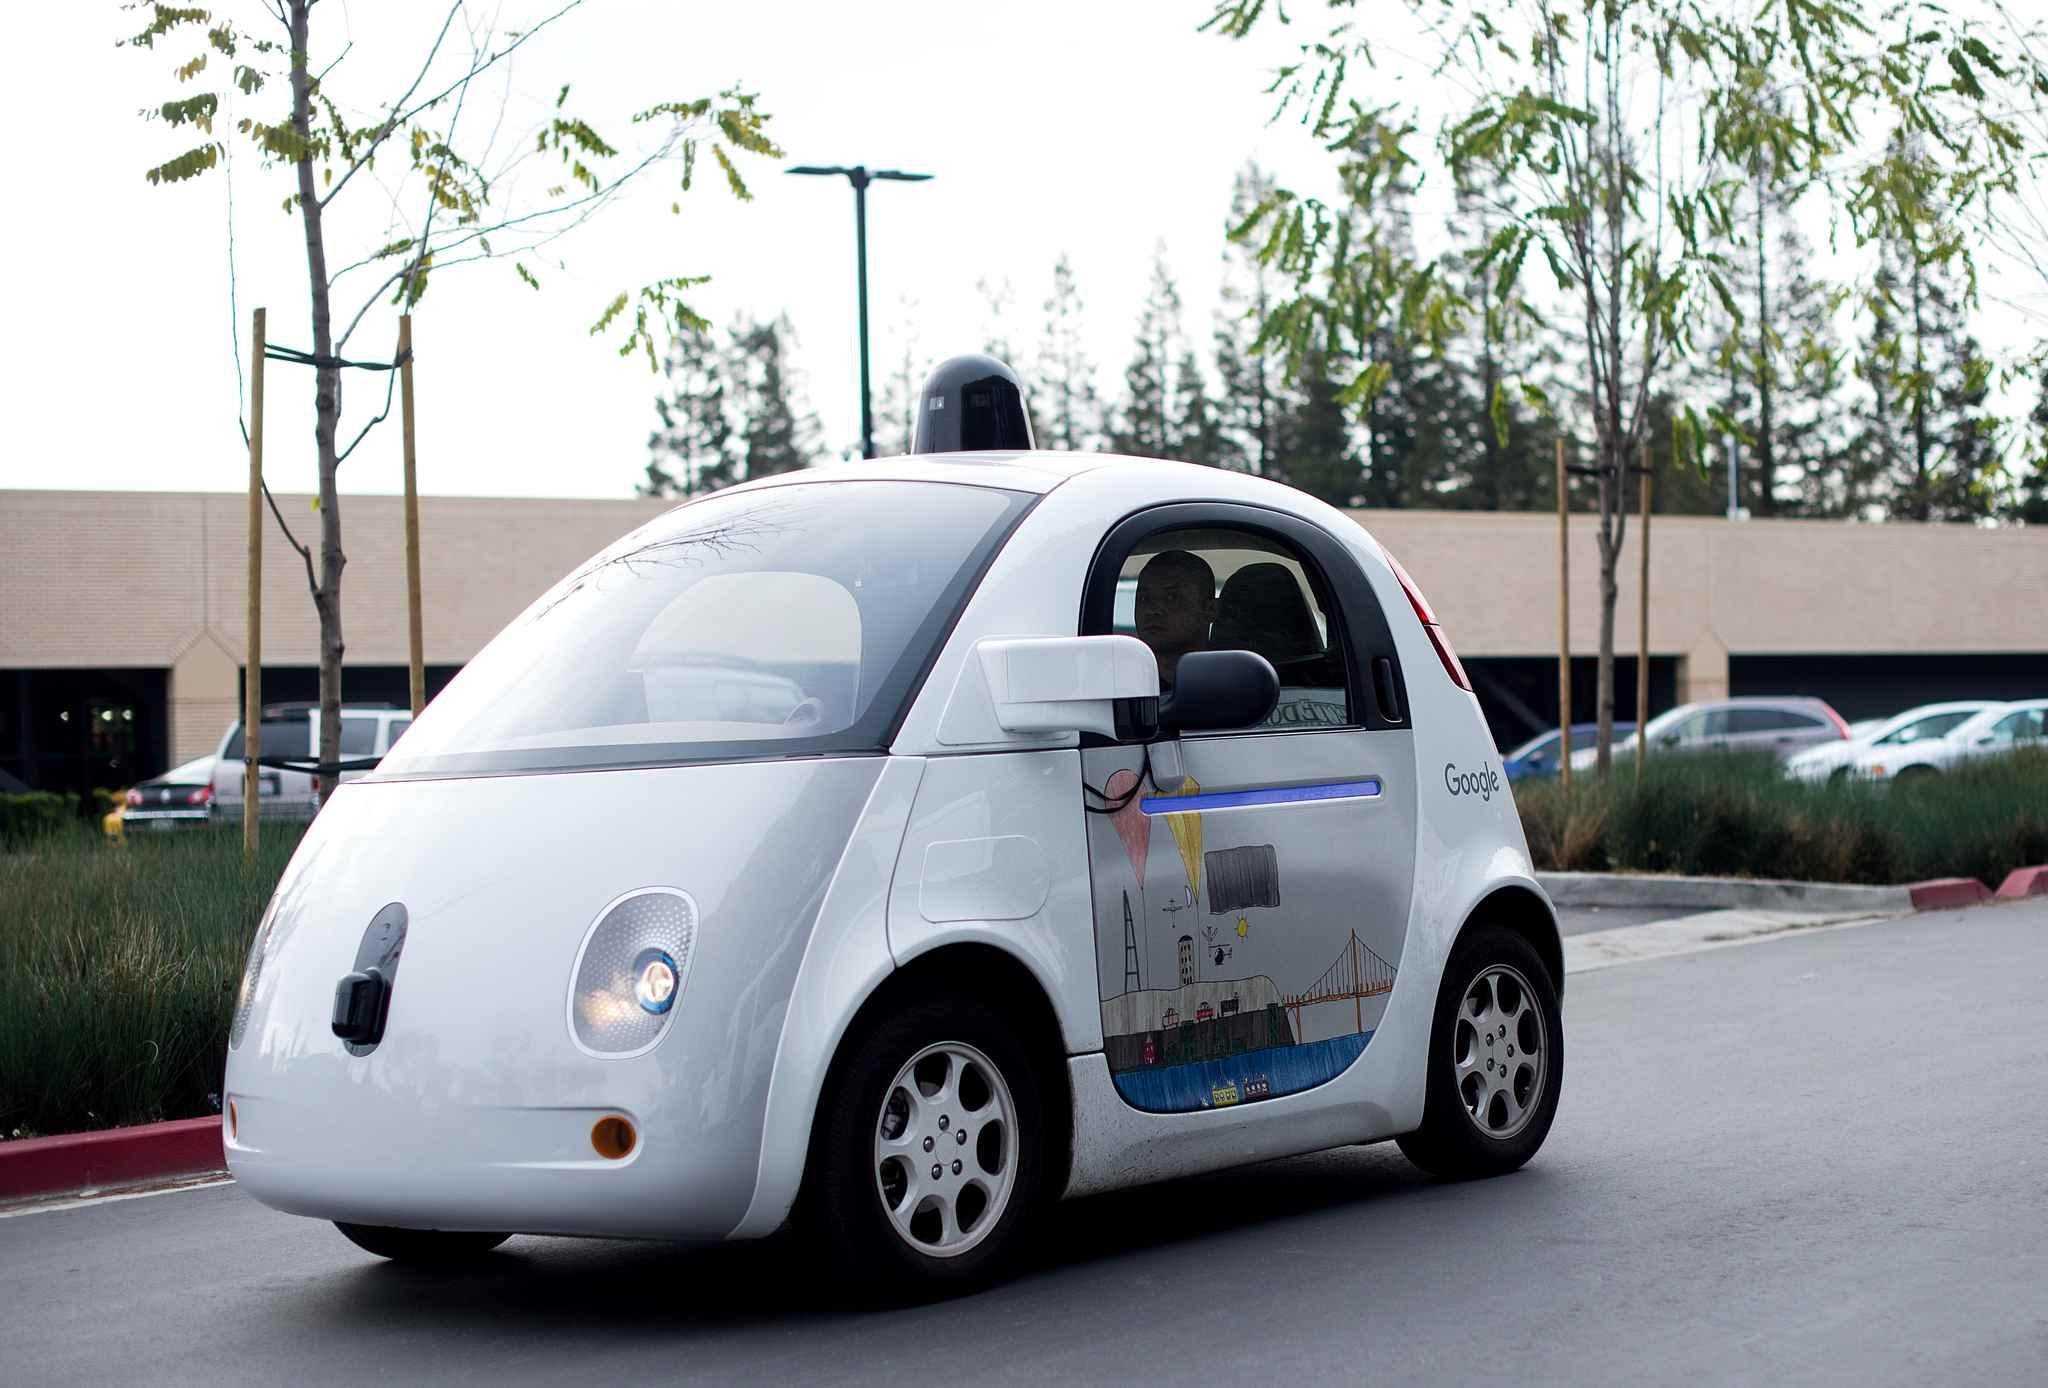 c 39 est la grande confusion autour des voitures autonomes de google. Black Bedroom Furniture Sets. Home Design Ideas